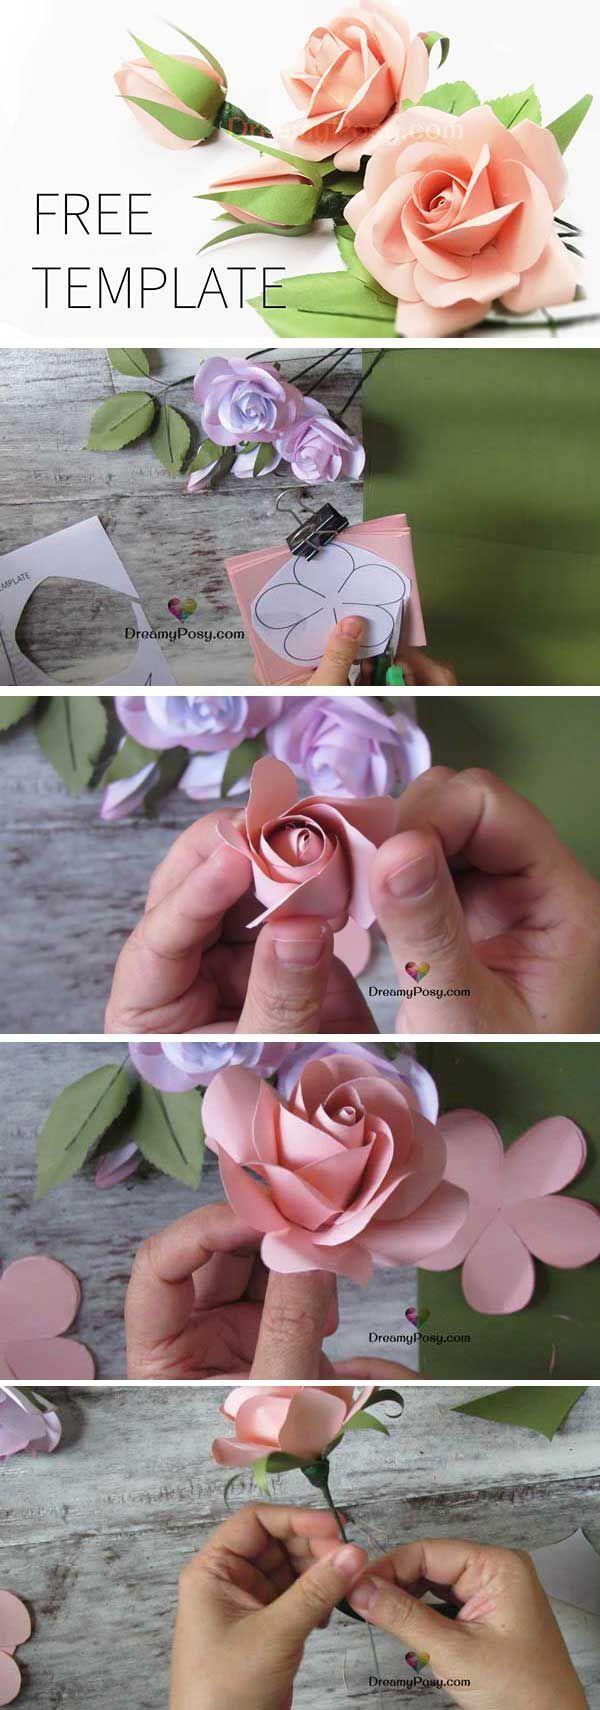 Einfaches Tutorial zum Erstellen einer Papierrose, KOSTENLOSE Vorlage - DIY Papier Blog #easypaperflowers